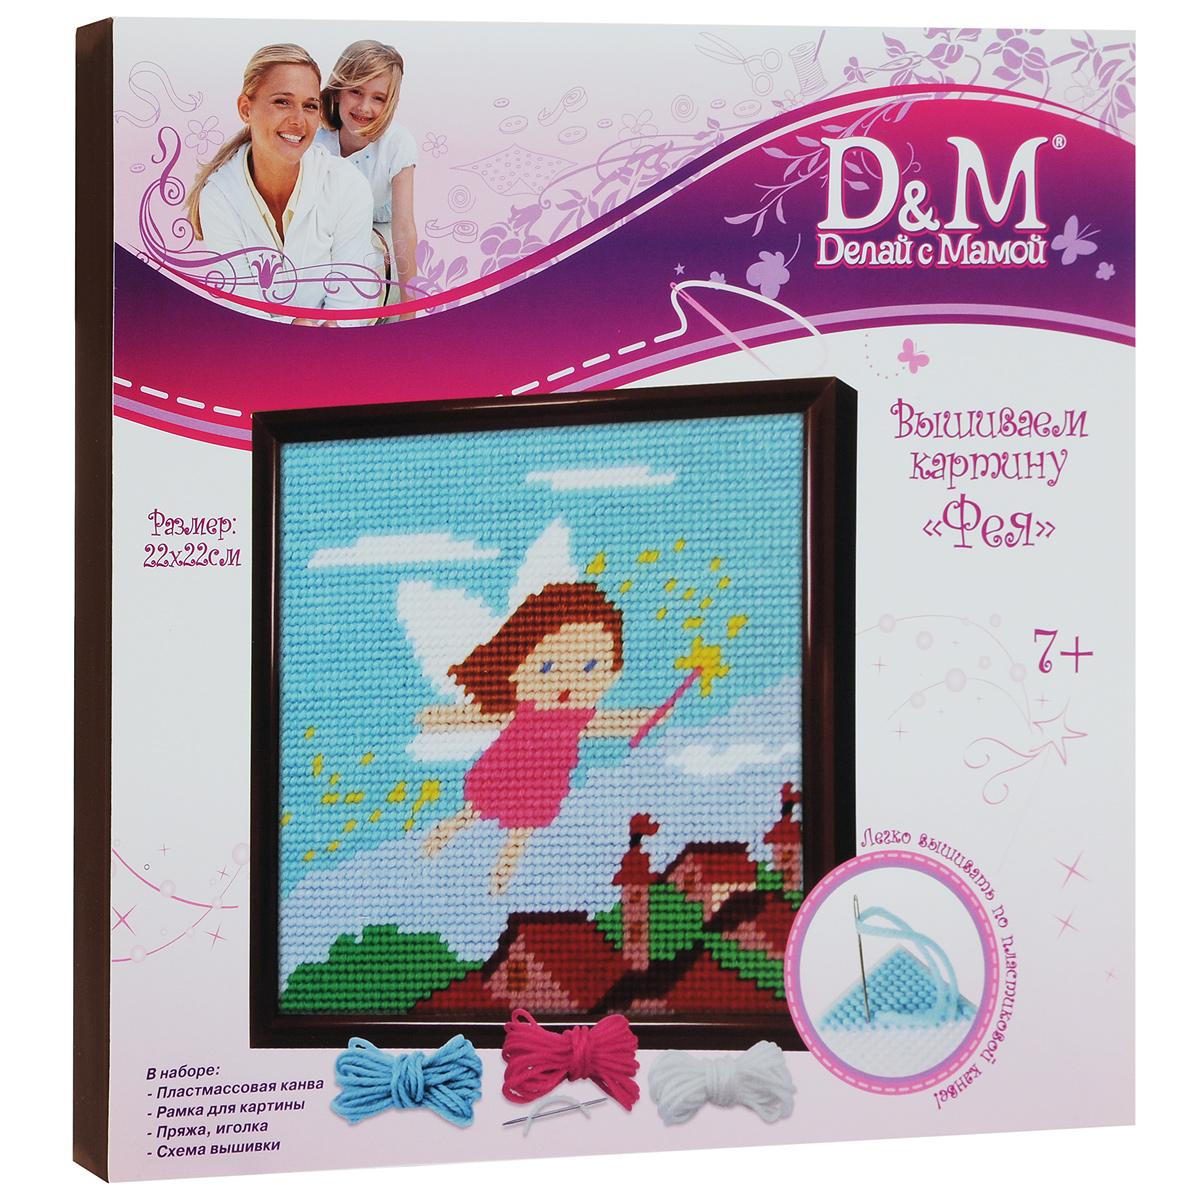 Набор для вышивания D&M Фея35597Набор для вышивания D&M Фея позволит вашему ребенку самостоятельно создать красивую картинку с изображением прелестной феи. Набор включает в себя пластиковую канву, рамку для картинки, акриловую пряжу 13 цветов, металлическую иглу и цветную схему вышивки с инструкцией на русском языке. Картинка, созданная своими руками, станет прекрасным украшением интерьера детской комнаты или послужит замечательным подарком для друзей и близких! Рекомендуемый возраст: от 7 лет.